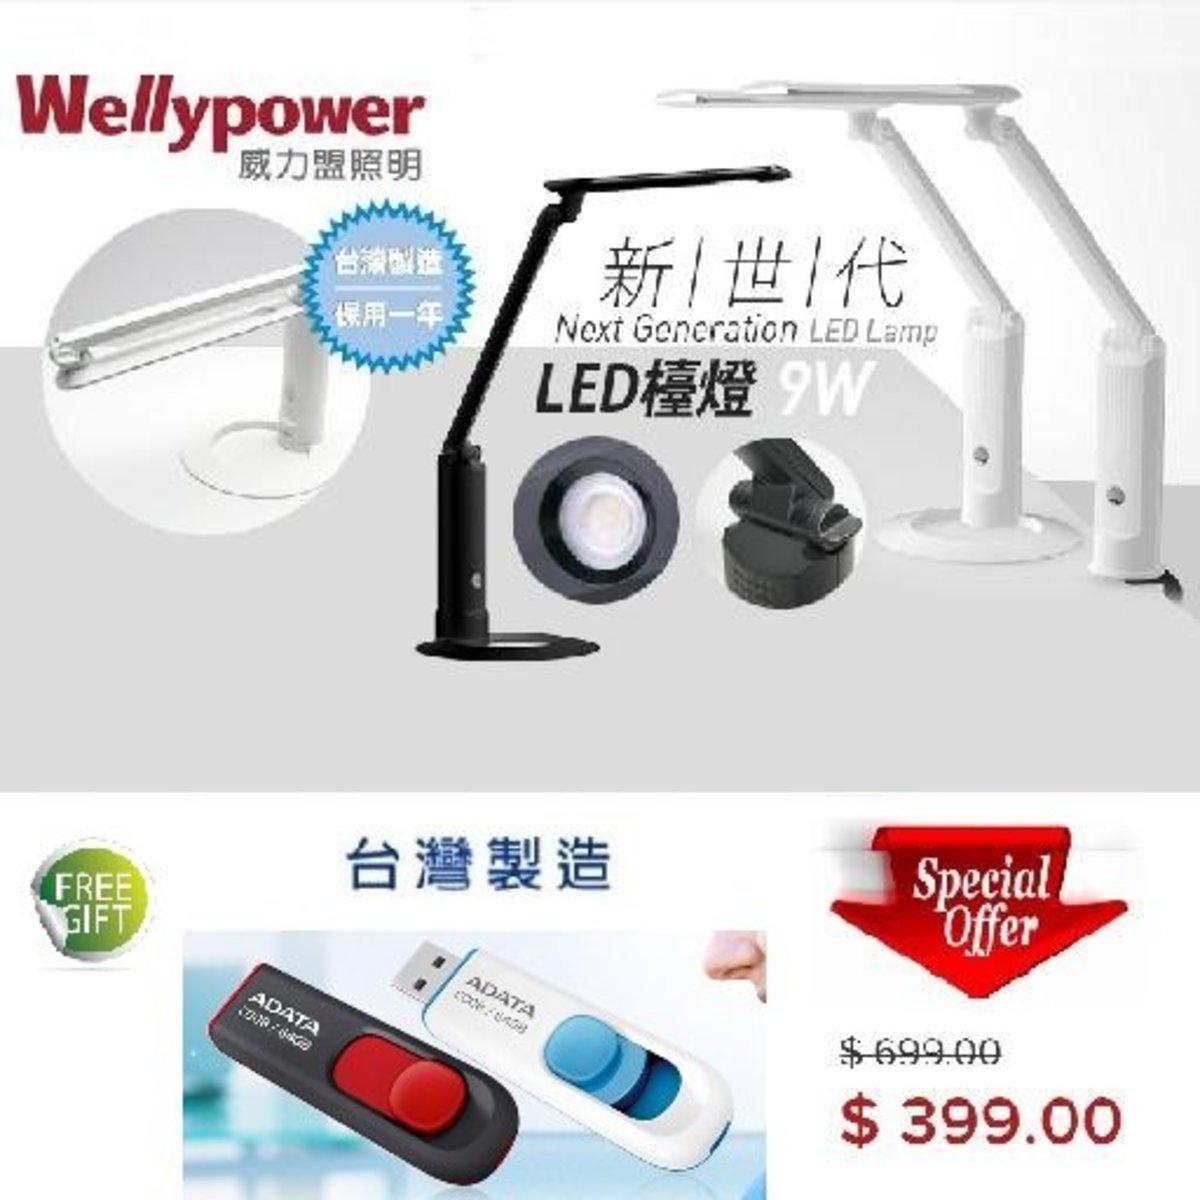 新世代 9W LED 白色檯燈 冷白光 (贈送 ADATA USB 手指 16GB  1個)